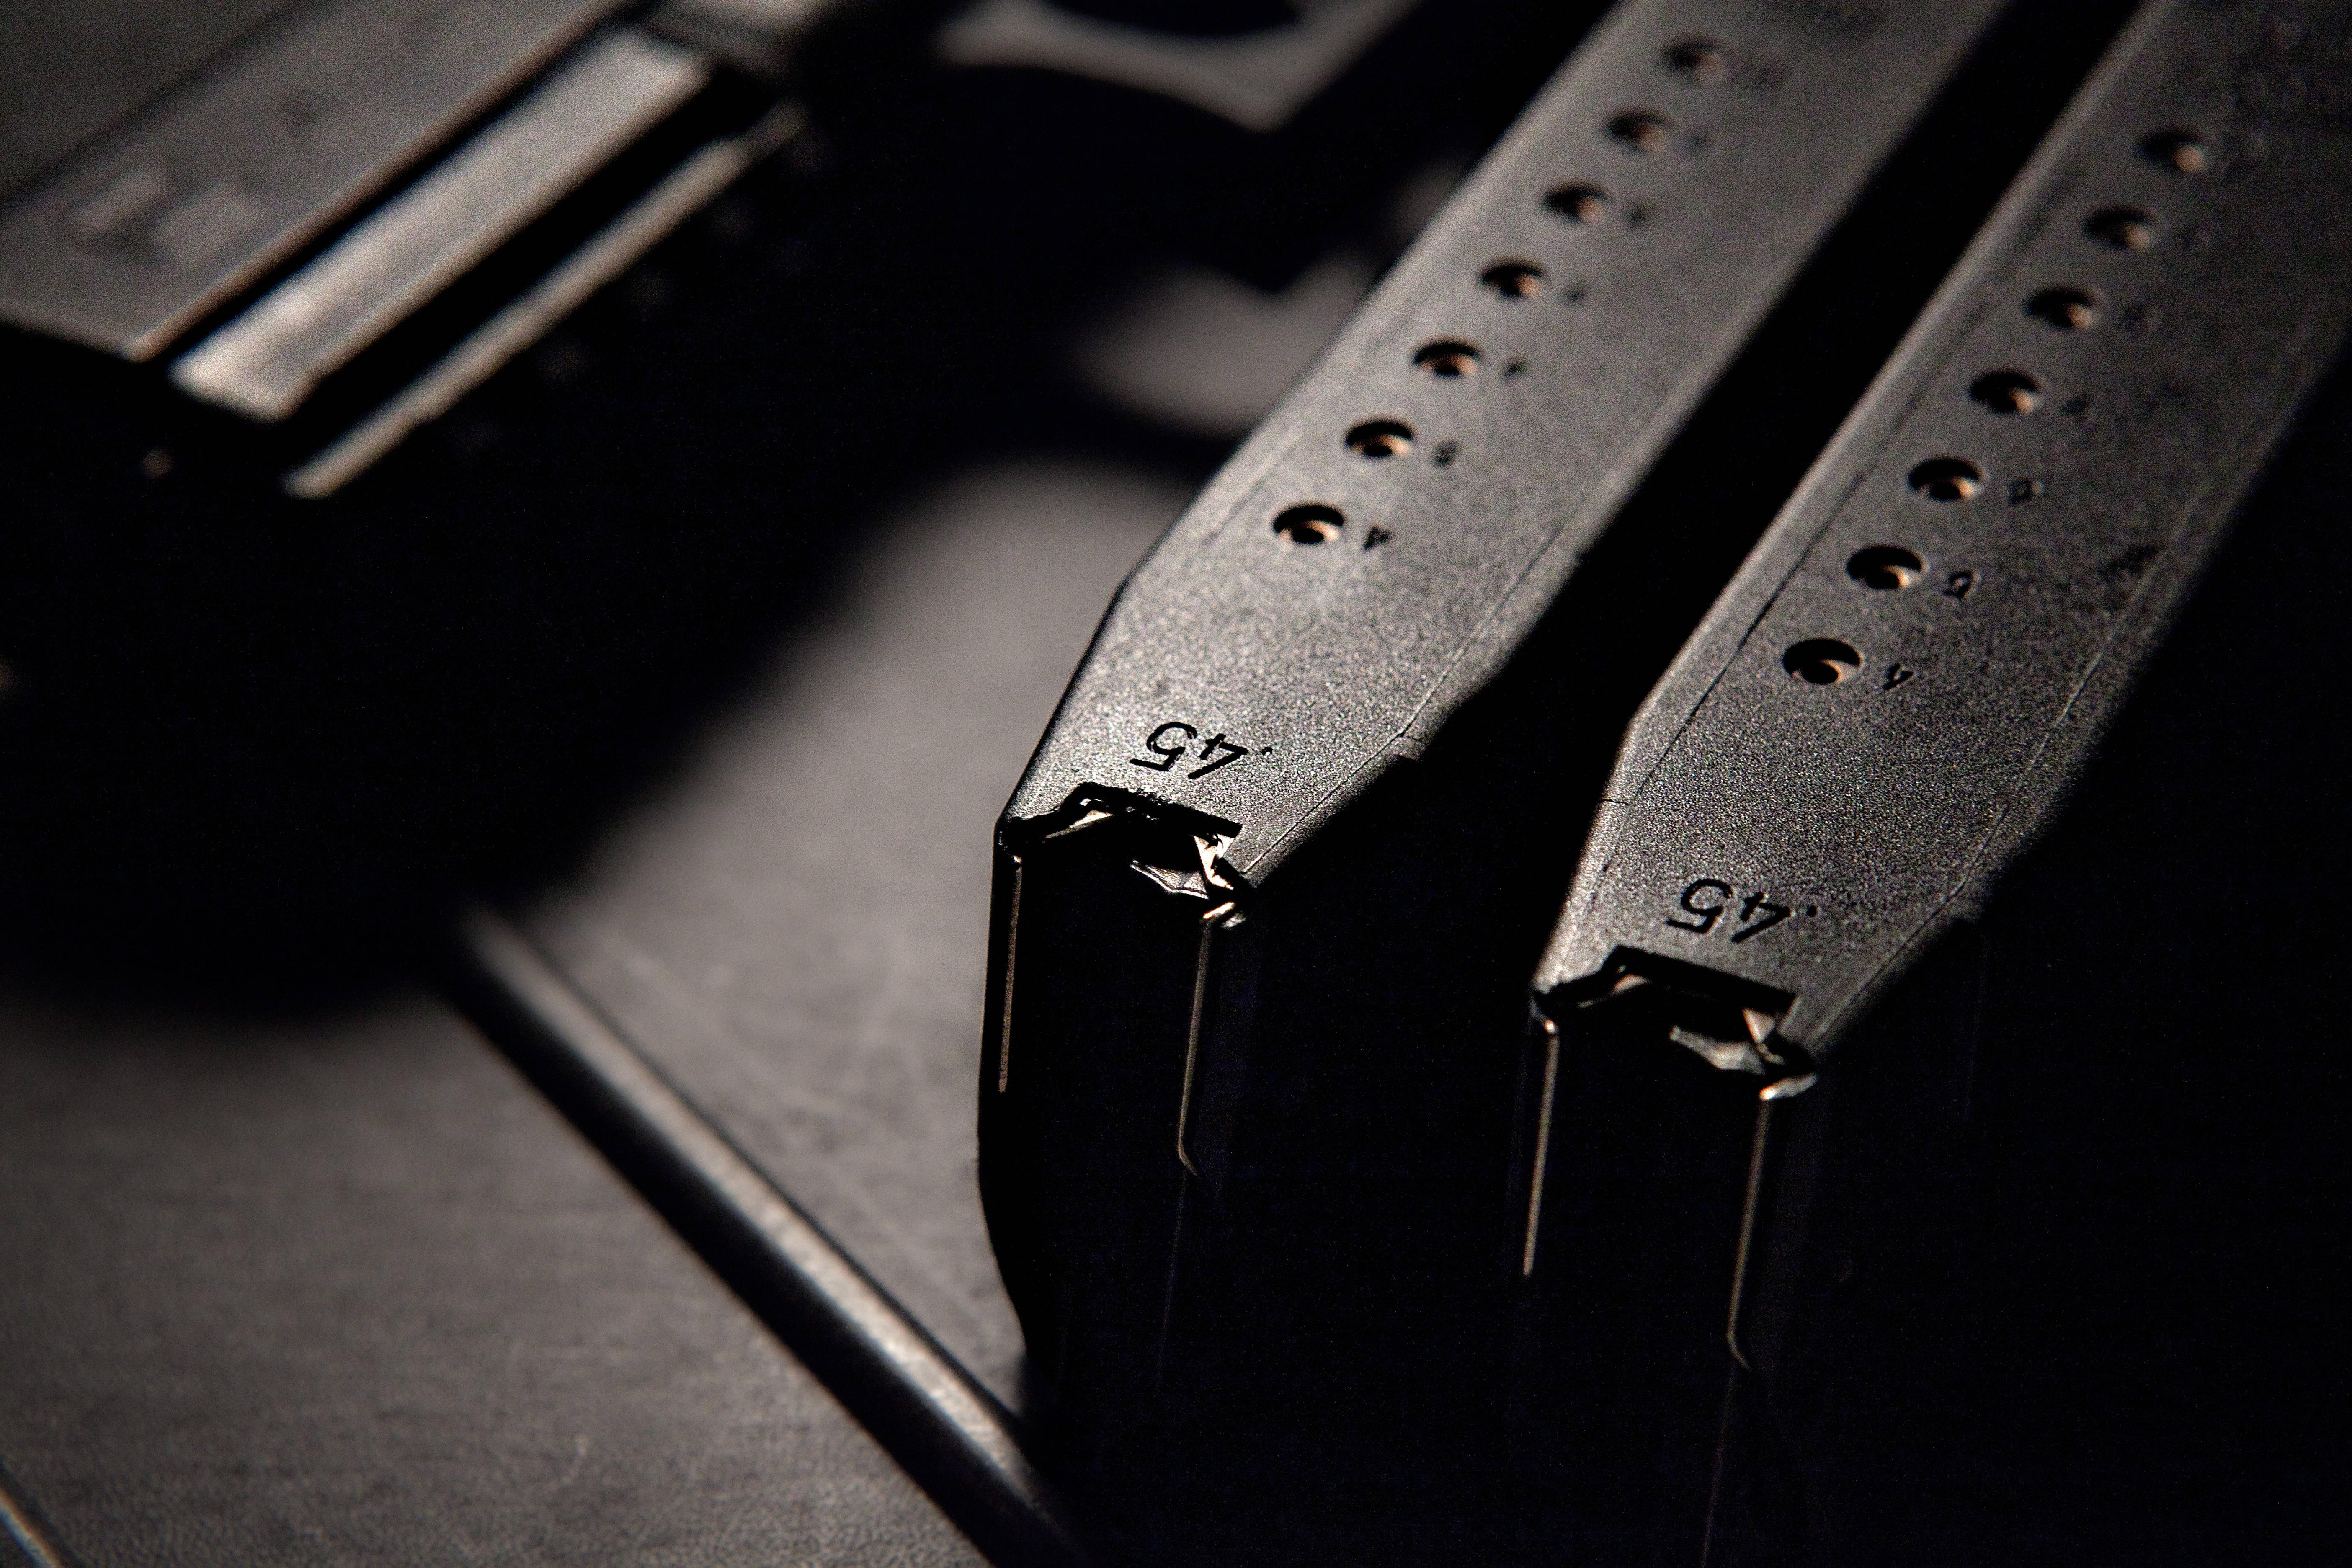 Glock 21 .45 ACP made in Austria